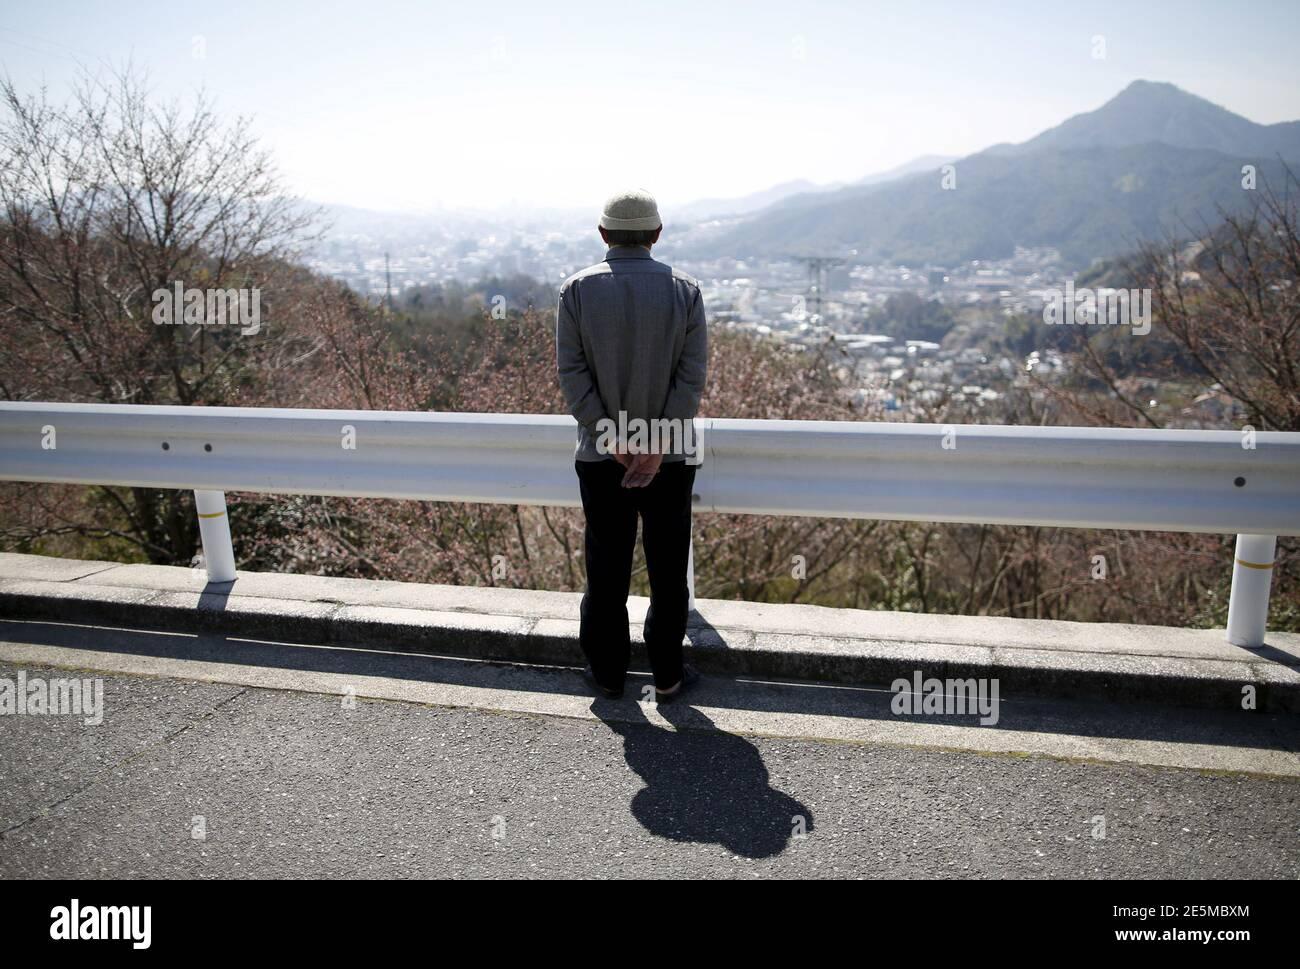 Fumiaki Kajiya, un sobreviviente de una bomba atómica de 76 años y profesor de escuela jubilado, mira hacia el centro de la ciudad desde la calle frente a su casa en Hiroshima, Japón occidental, el 27 de marzo de 2015. A medida que se acerca el 70º aniversario del primer ataque nuclear del mundo, muchos sobrevivientes todavía encuentran demasiado doloroso para hablar. Pero con sus filas menguando, otros están decididos a transmitir sus experiencias a las generaciones más jóvenes. Un bombardero estadounidense lanzó la bomba atómica sobre Hiroshima el 6 de agosto de 1945, matando a unos 140,000 a finales de año, de los 350,000 que vivían en la ciudad. La ciudad todavía tiene som Foto de stock